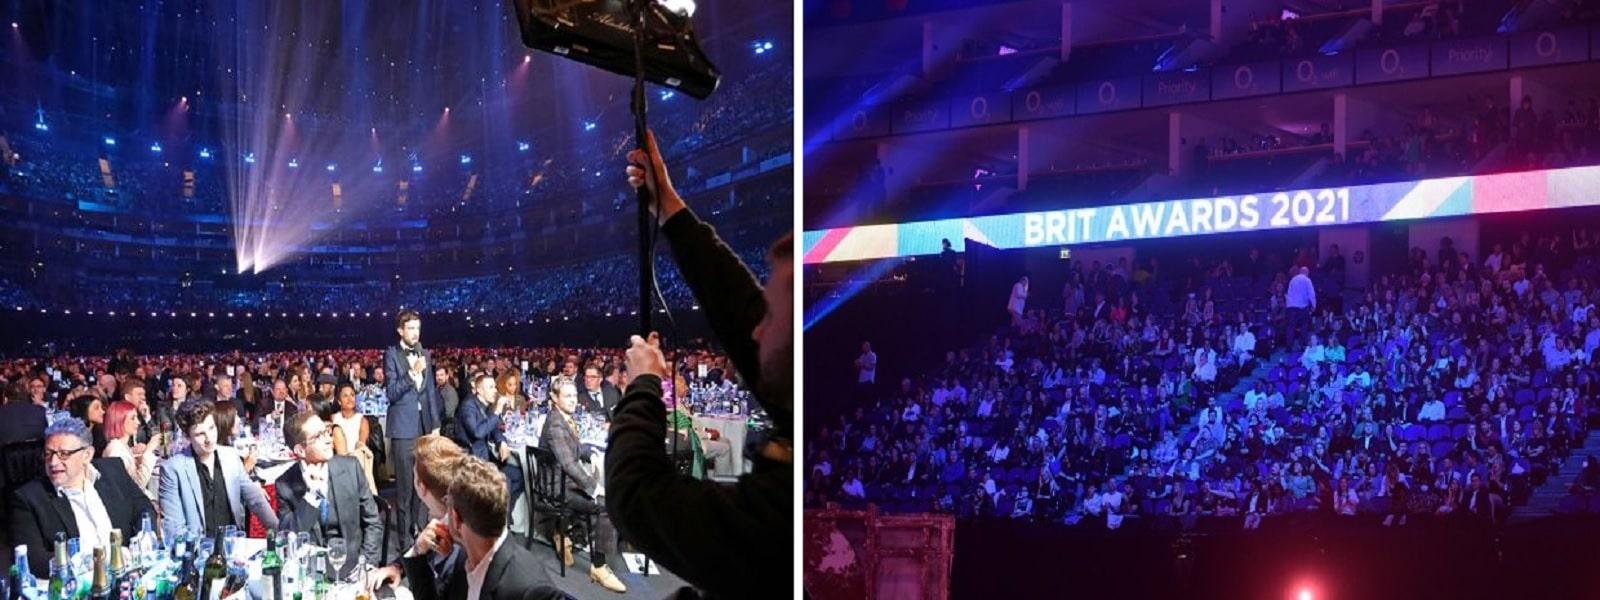 மாஸ்க், சமூக இடைவெளியின்றி நடைபெற்ற Brit விருது விழா